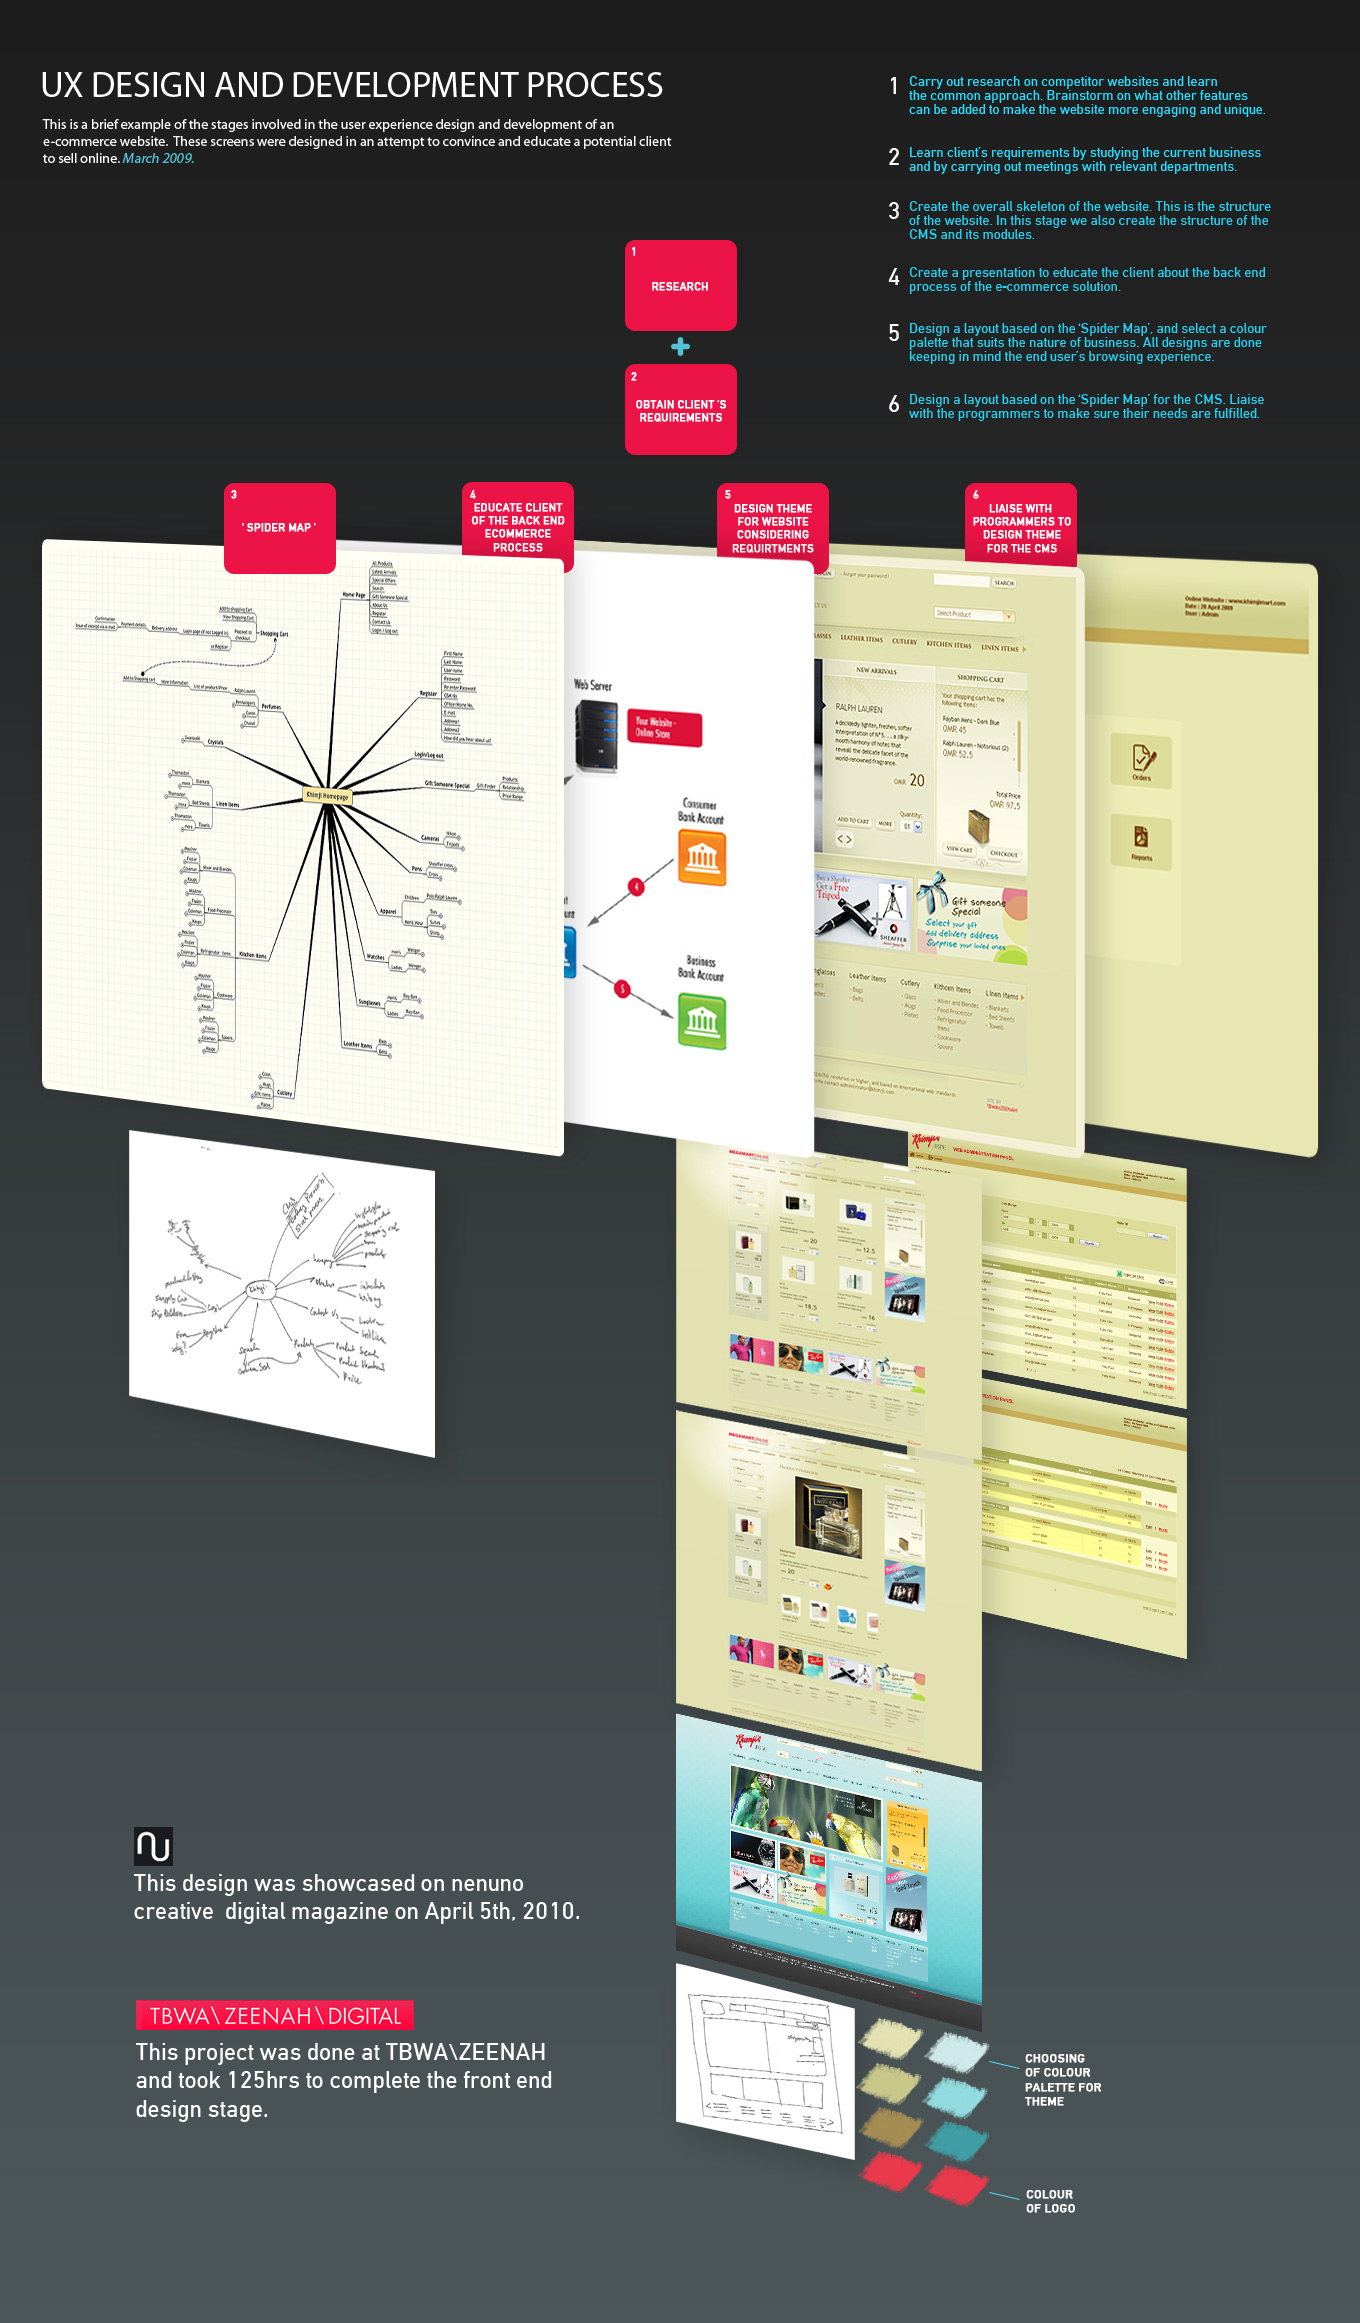 L'UX design et son processus de développement - blog de Catepeli